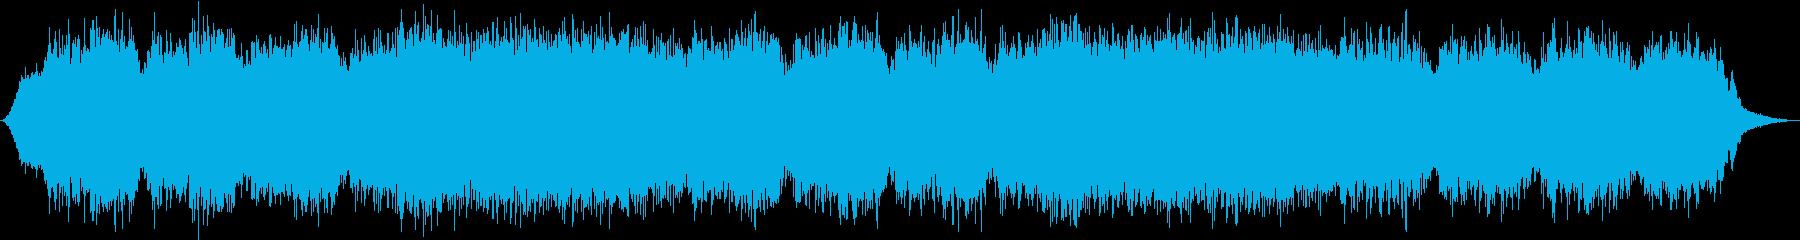 水しぶきで高いリラックス効果の再生済みの波形